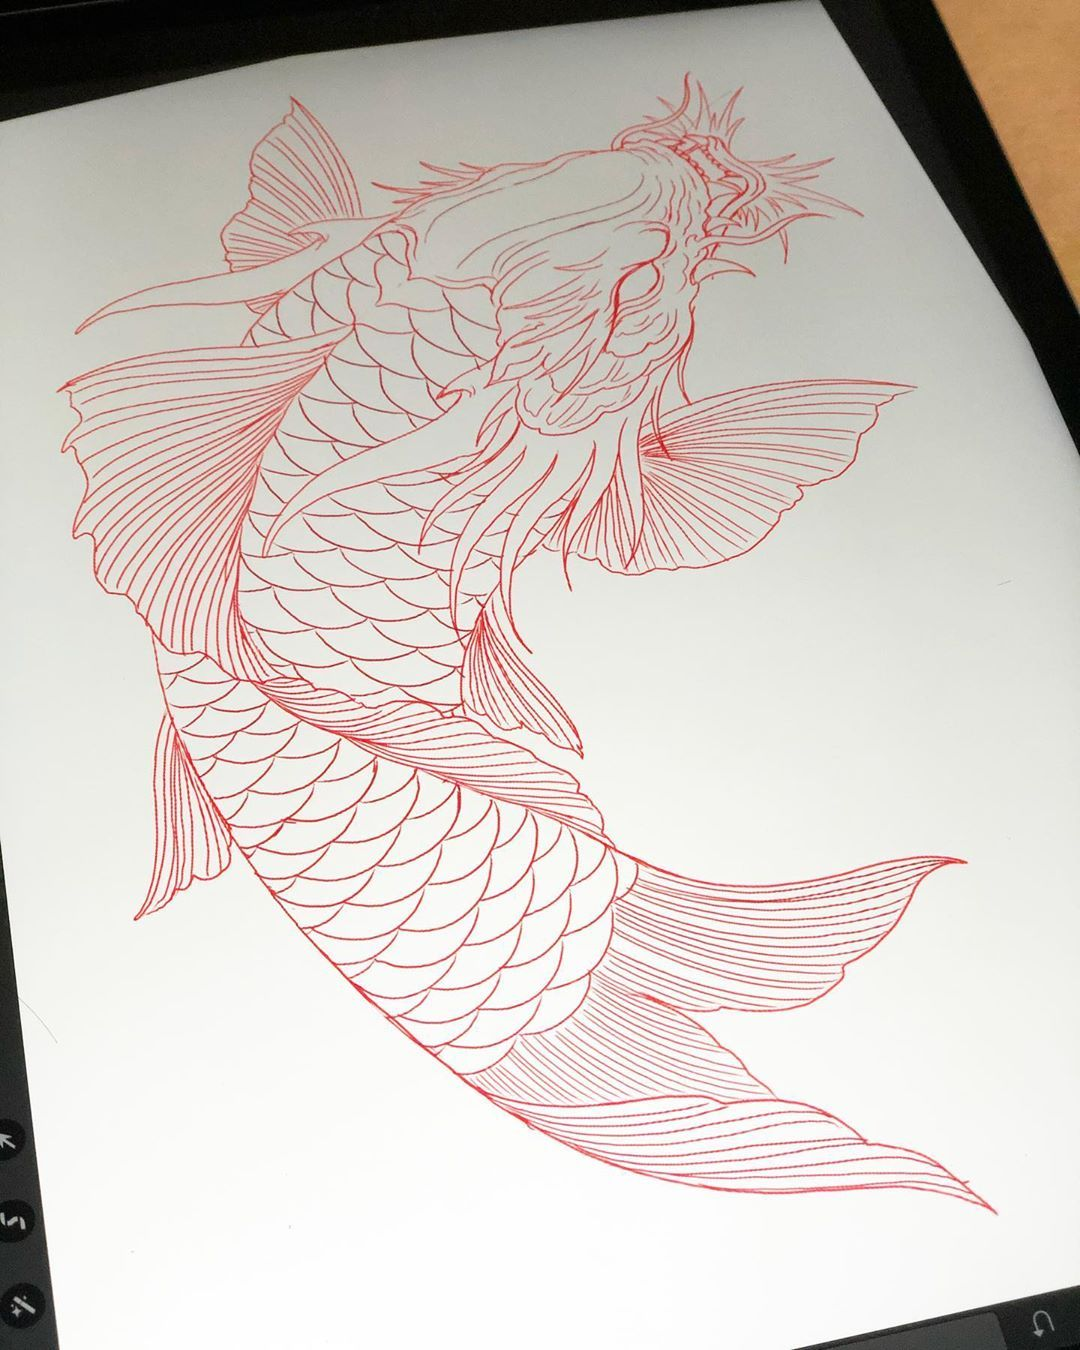 Instagram의 Derek Nghia Chung님 Koi Dragon Sketch Tattoo Tattoos Ink Inked Inkedup Tattooed Tatt In 2020 Dragon Koi Tattoo Design Koi Dragon Koi Dragon Tattoo